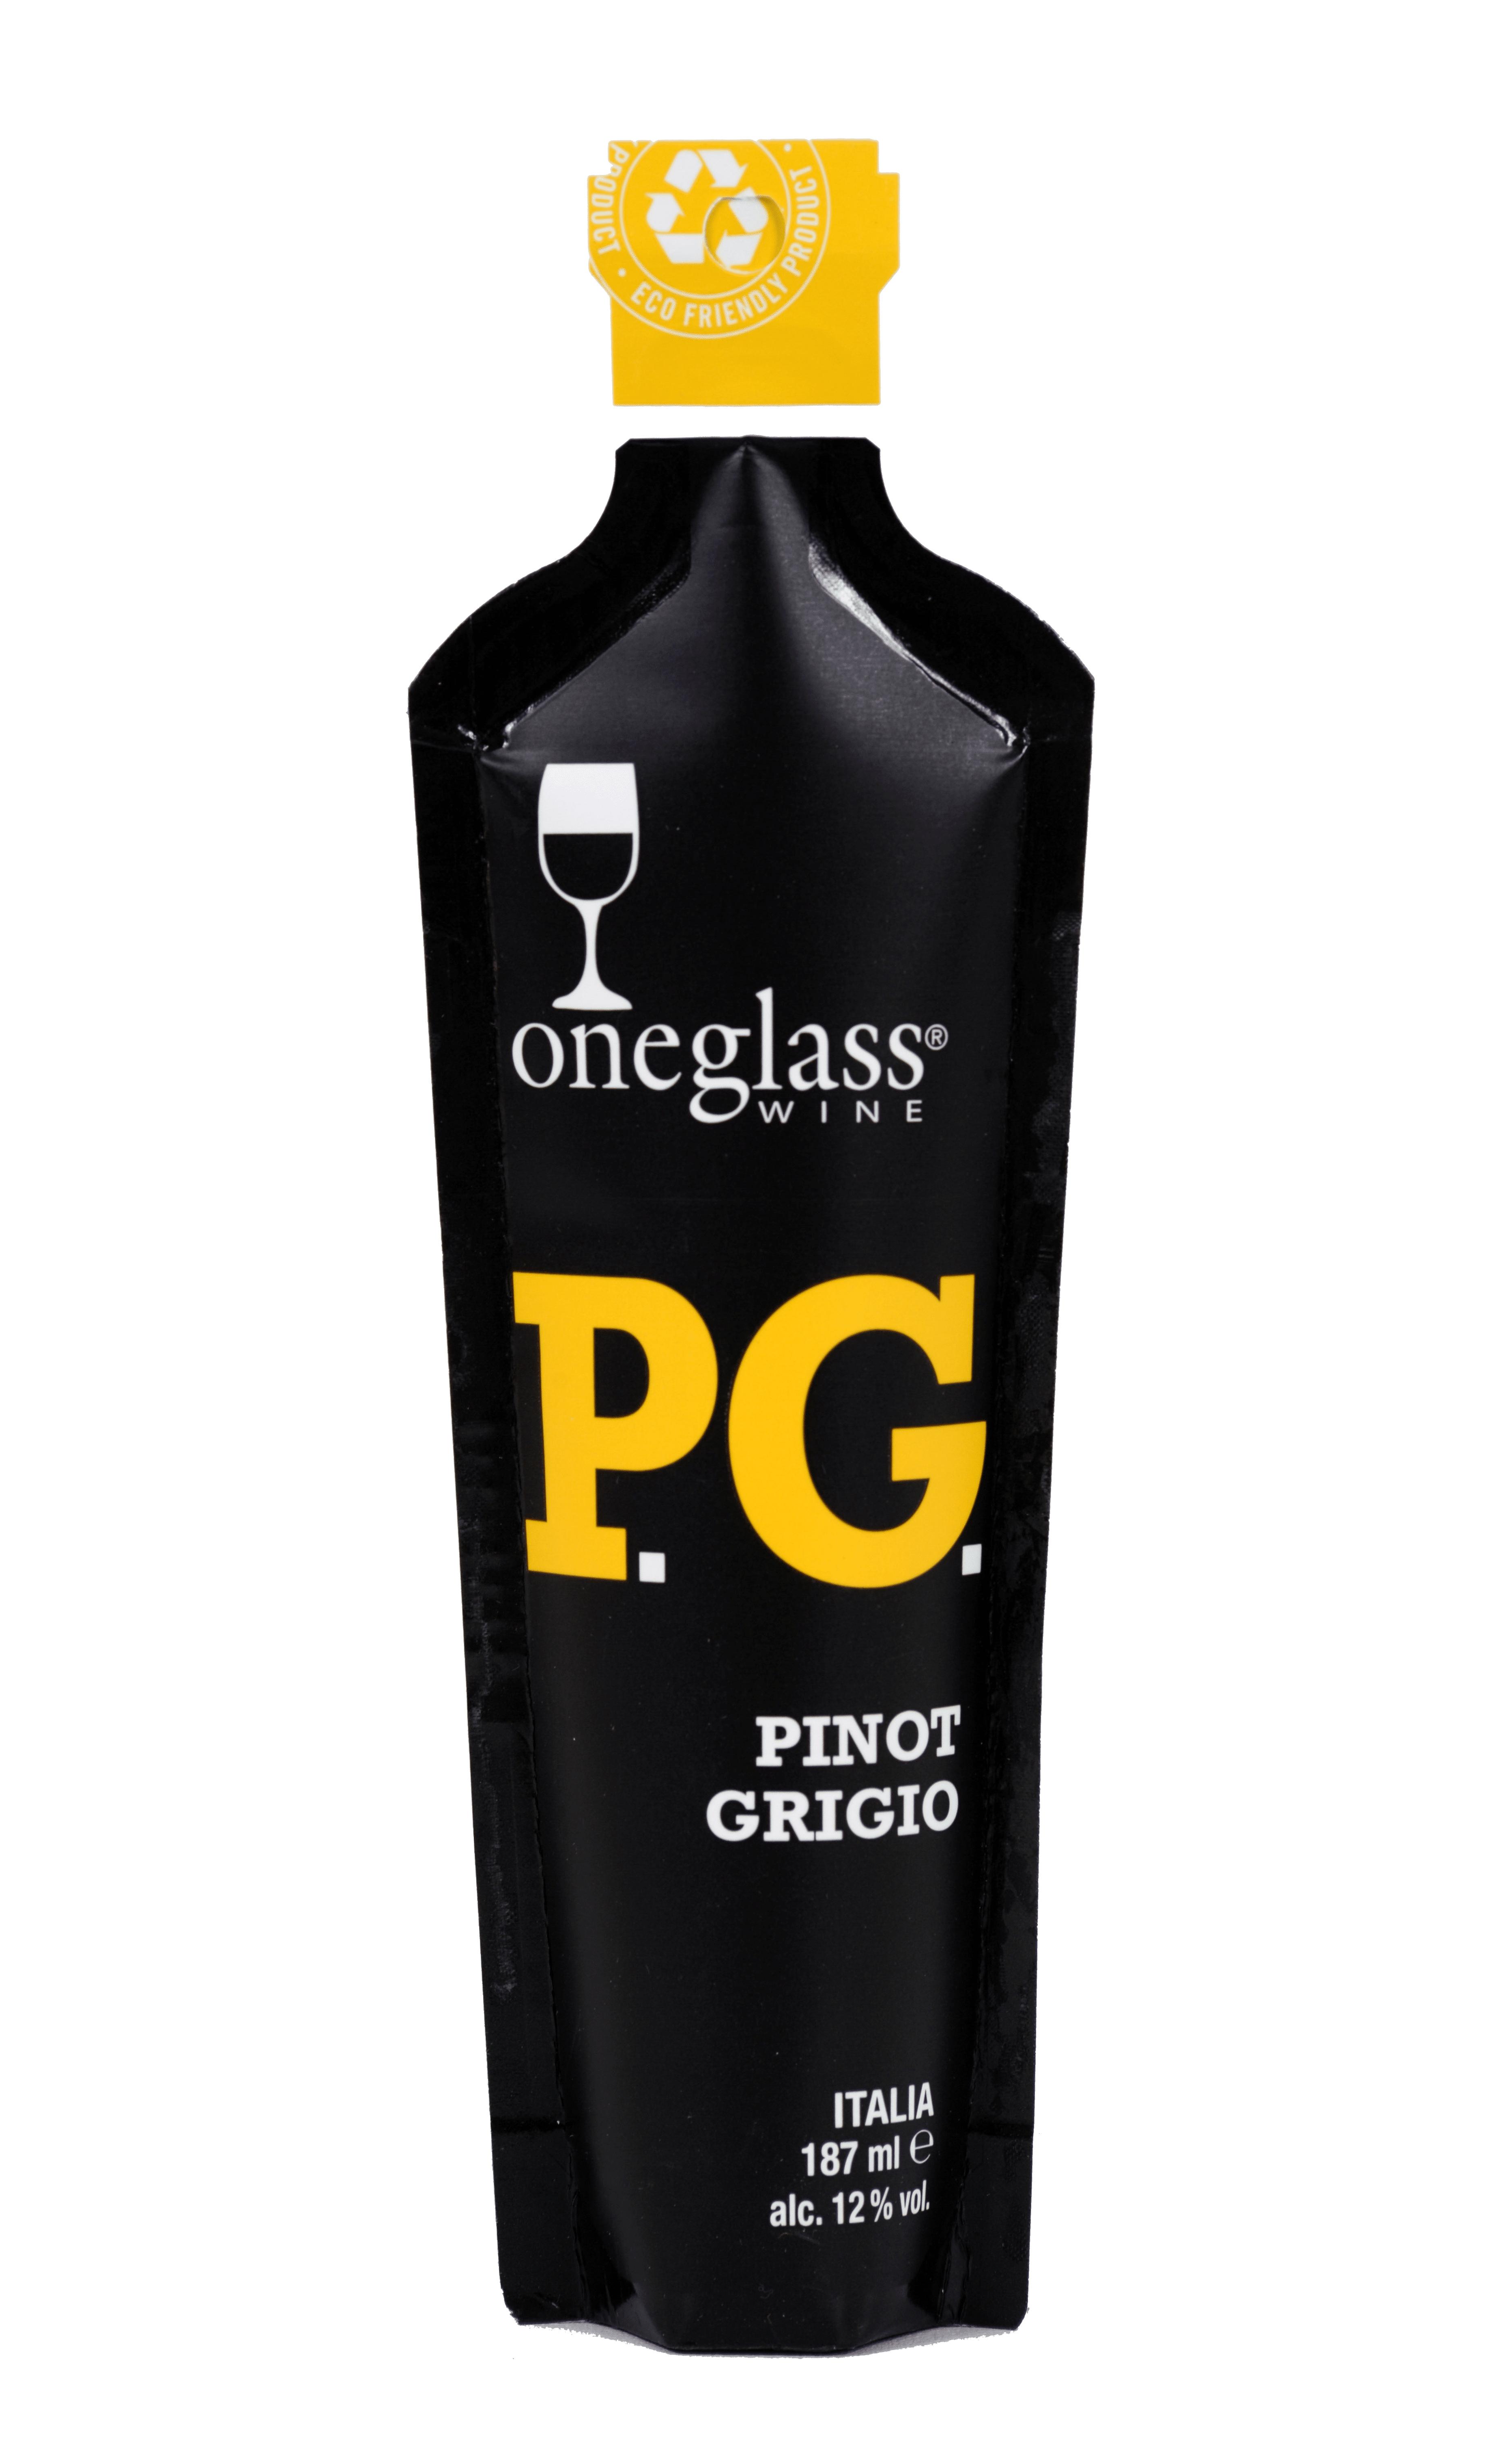 Oneglass Pinot Grigio